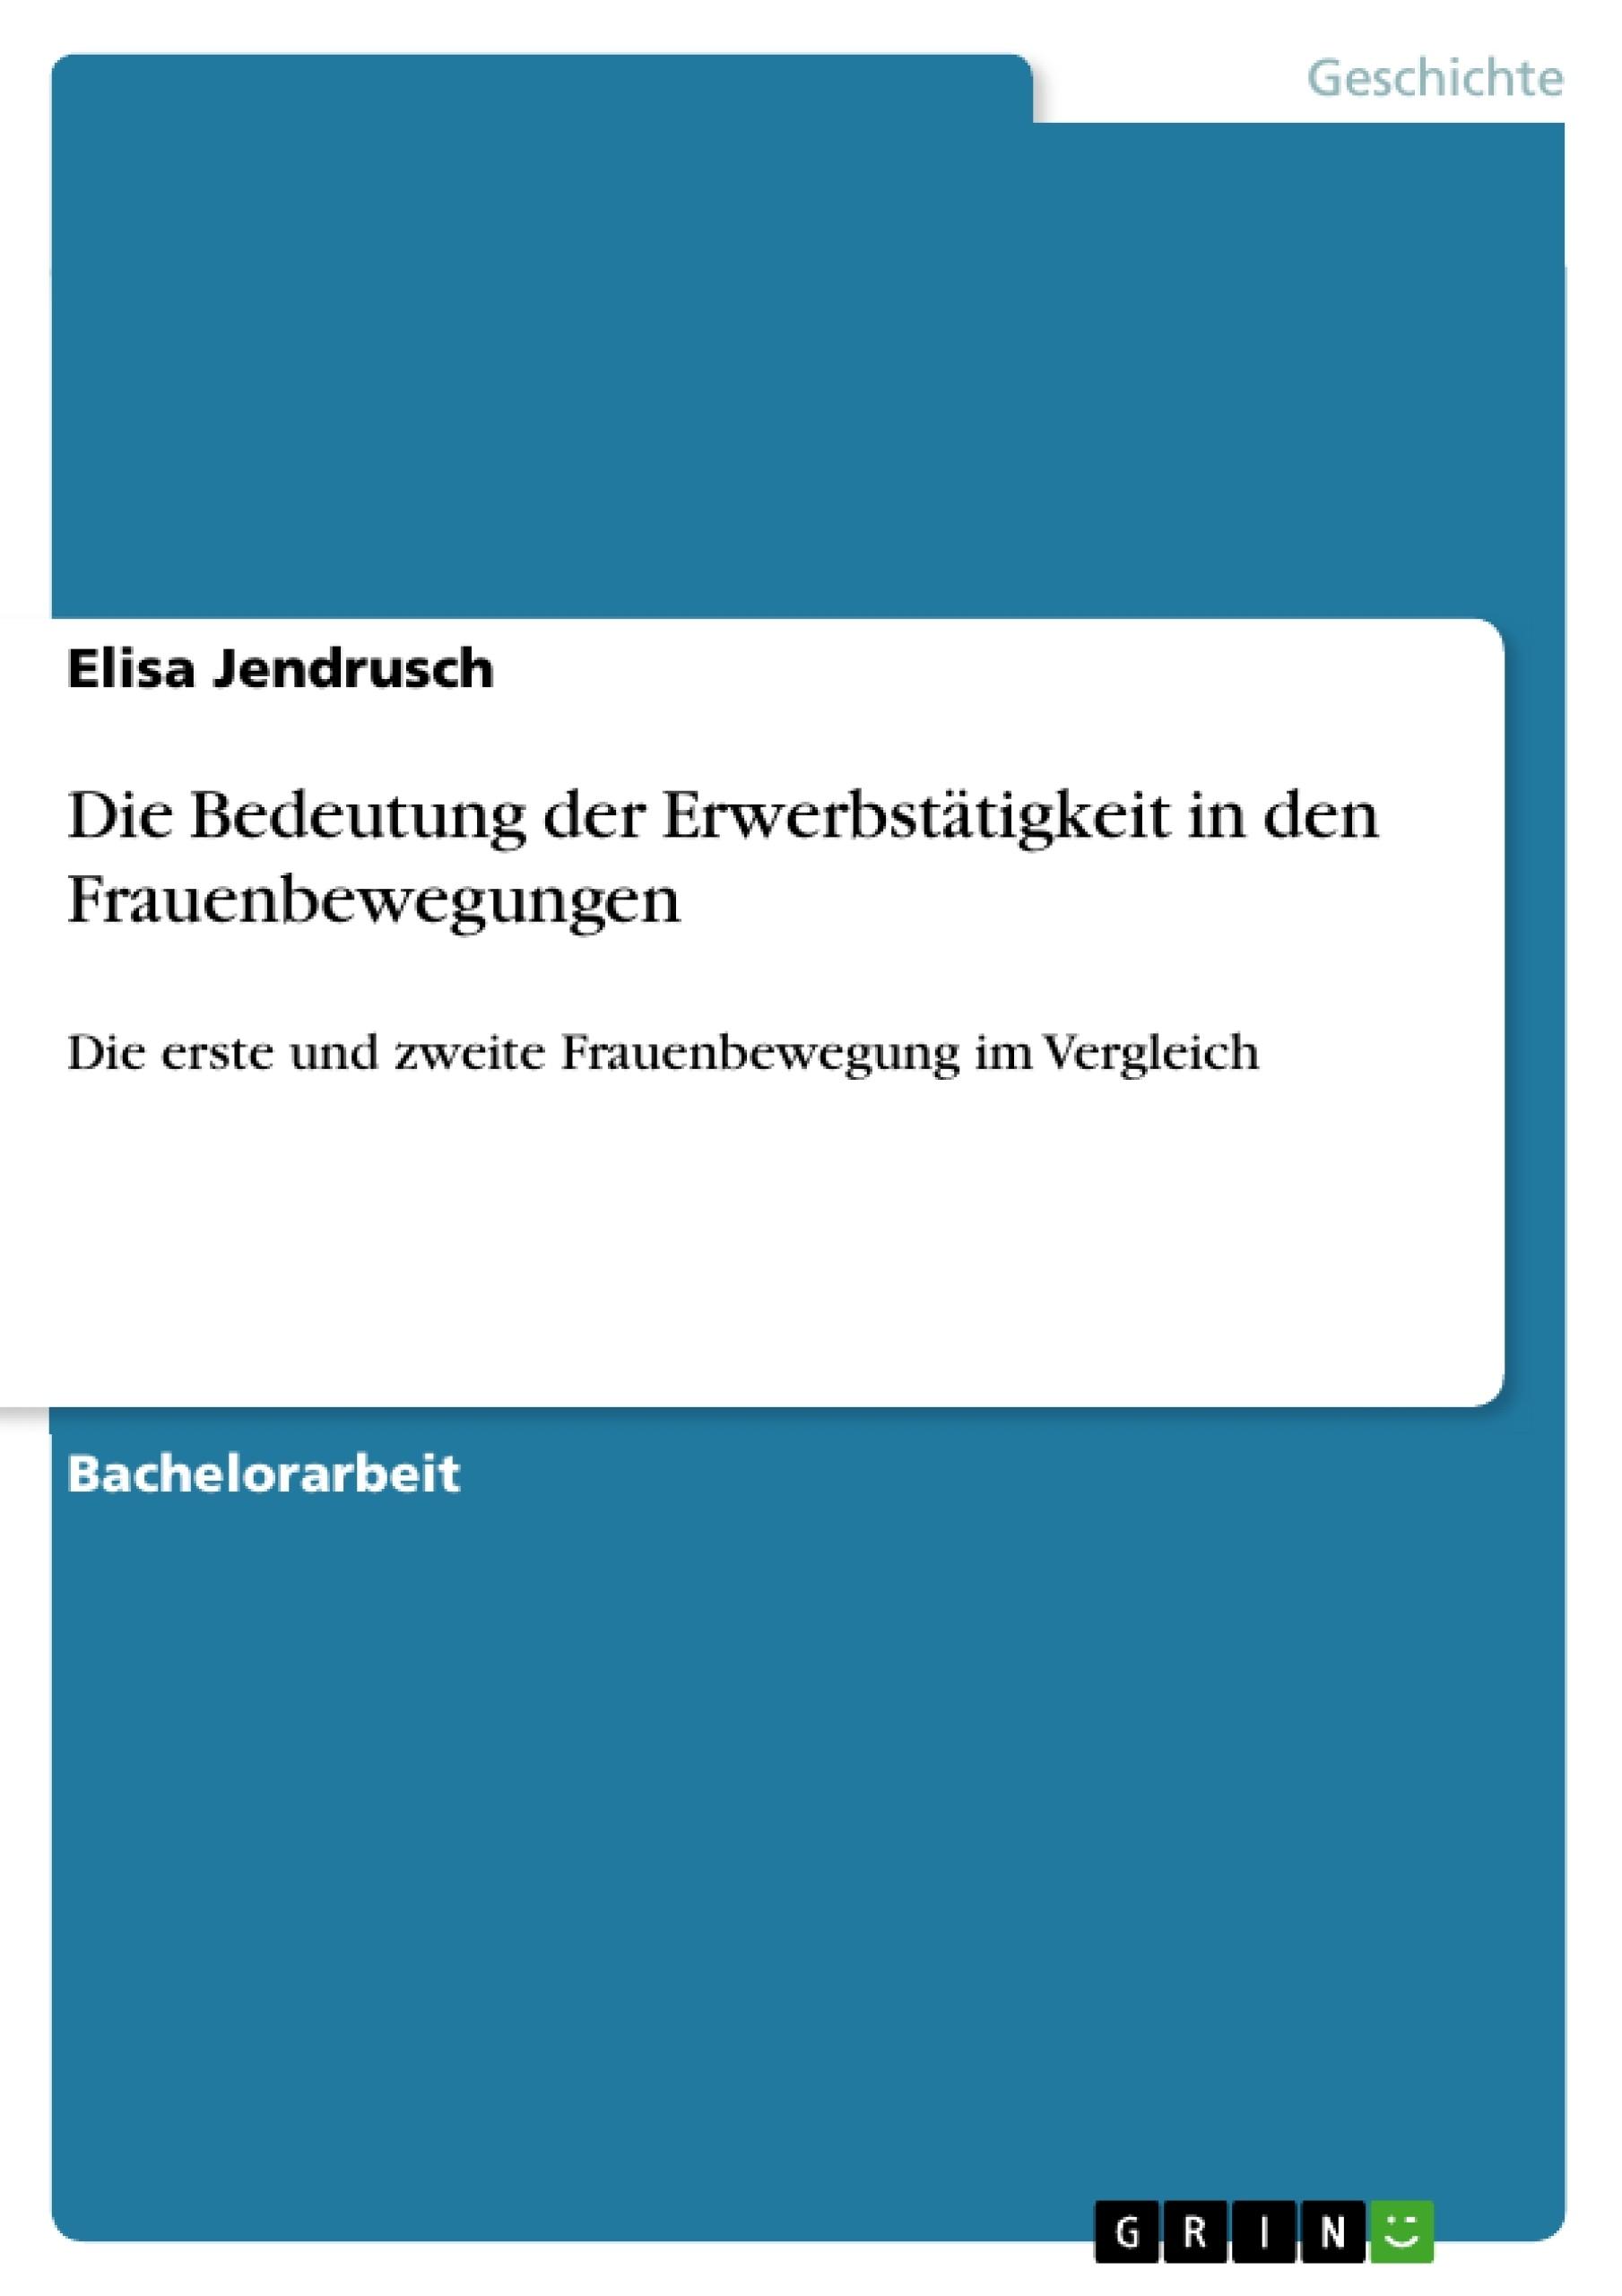 Titel: Die Bedeutung der Erwerbstätigkeit in den Frauenbewegungen